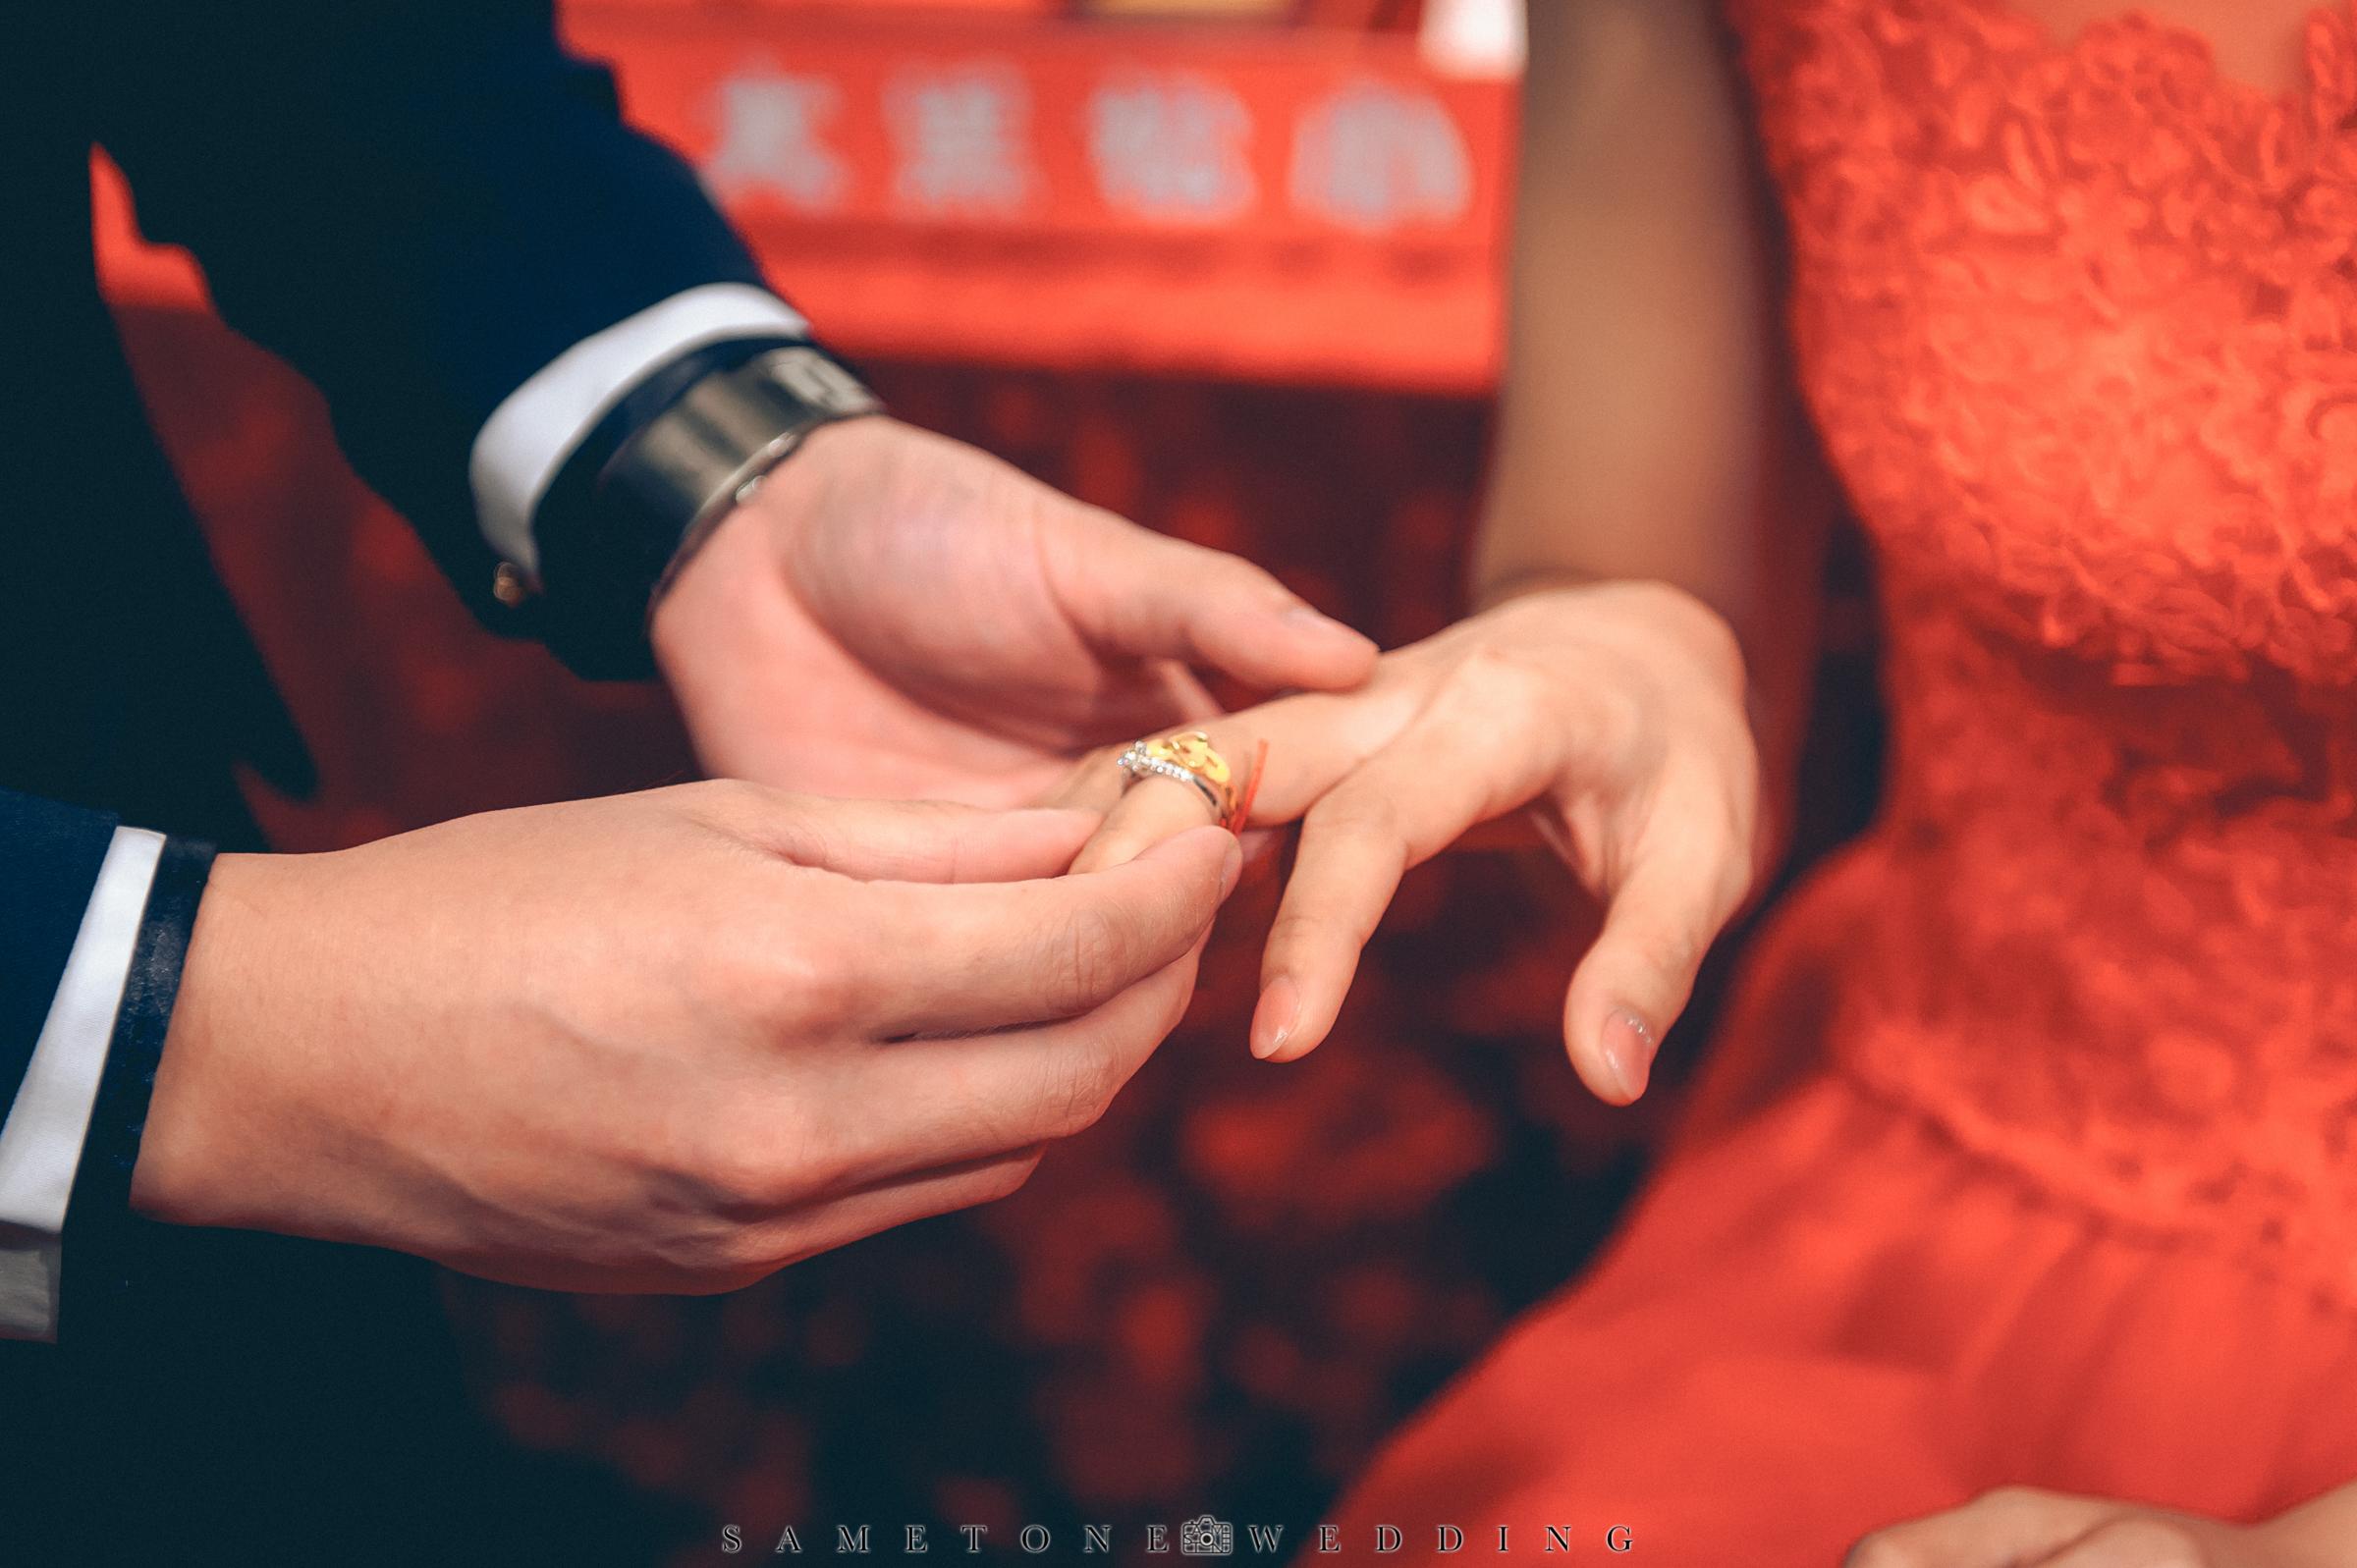 訂婚禮俗搞不懂?--訂婚/文定古禮攻略全套大解密